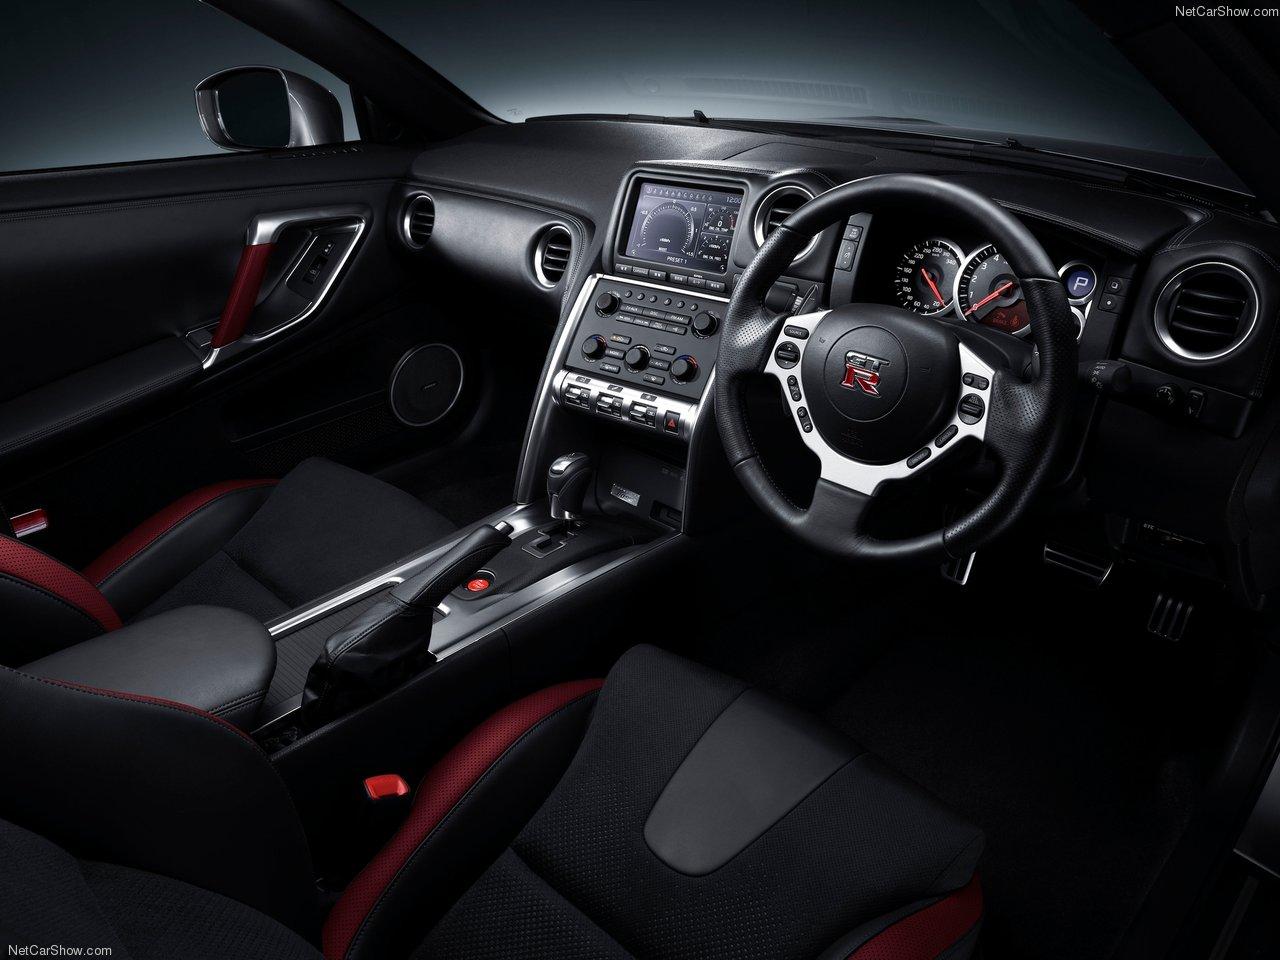 The GT-R's interior is a nice place to be, if a little high tech.